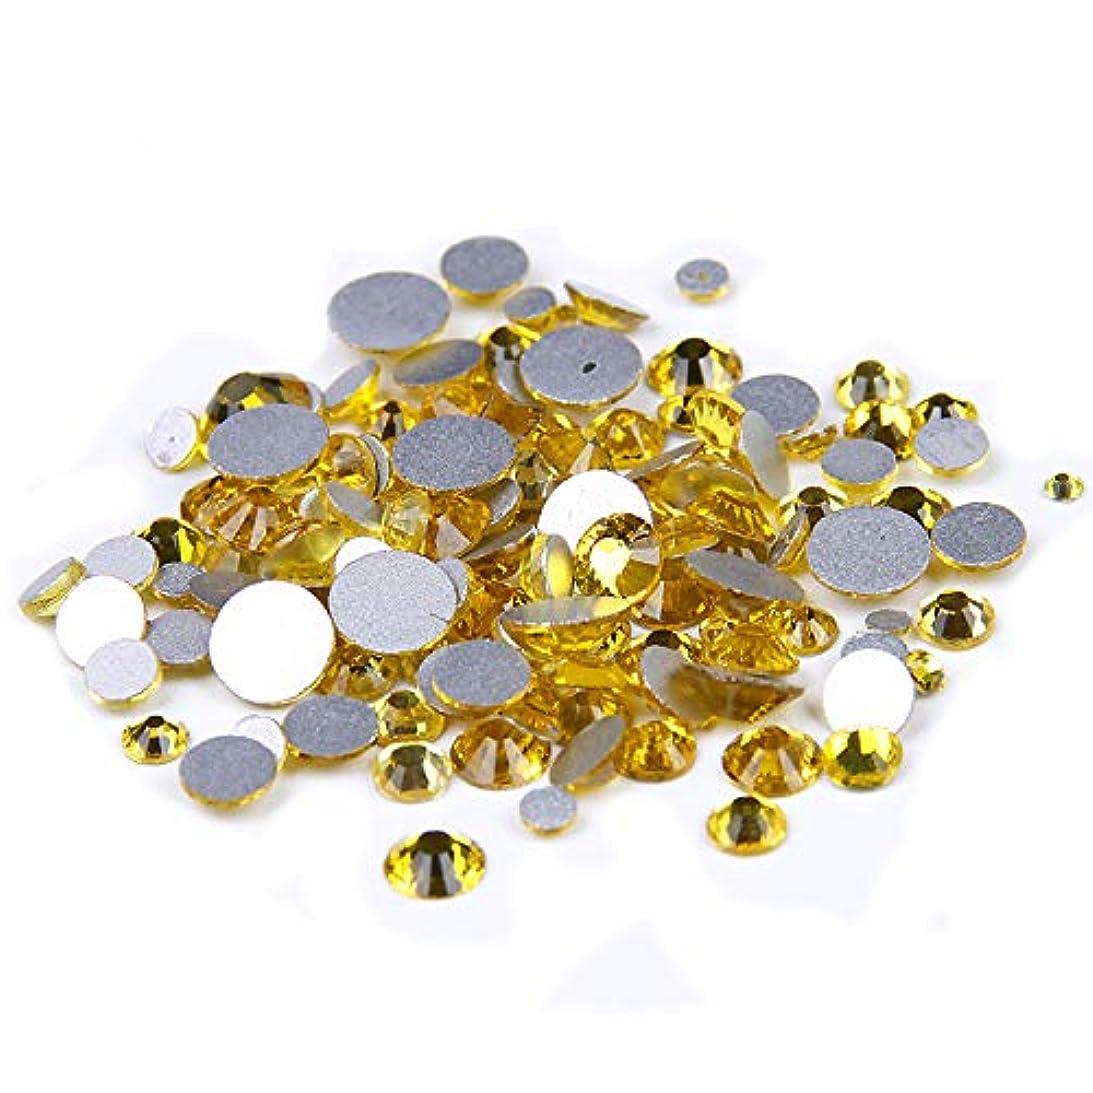 養う区画十億Nizi ジュエリー ブランド シトリン ラインストーン は ガラスの材質 ネイル使用 型番ss3-ss34 (SS16 1440pcs)